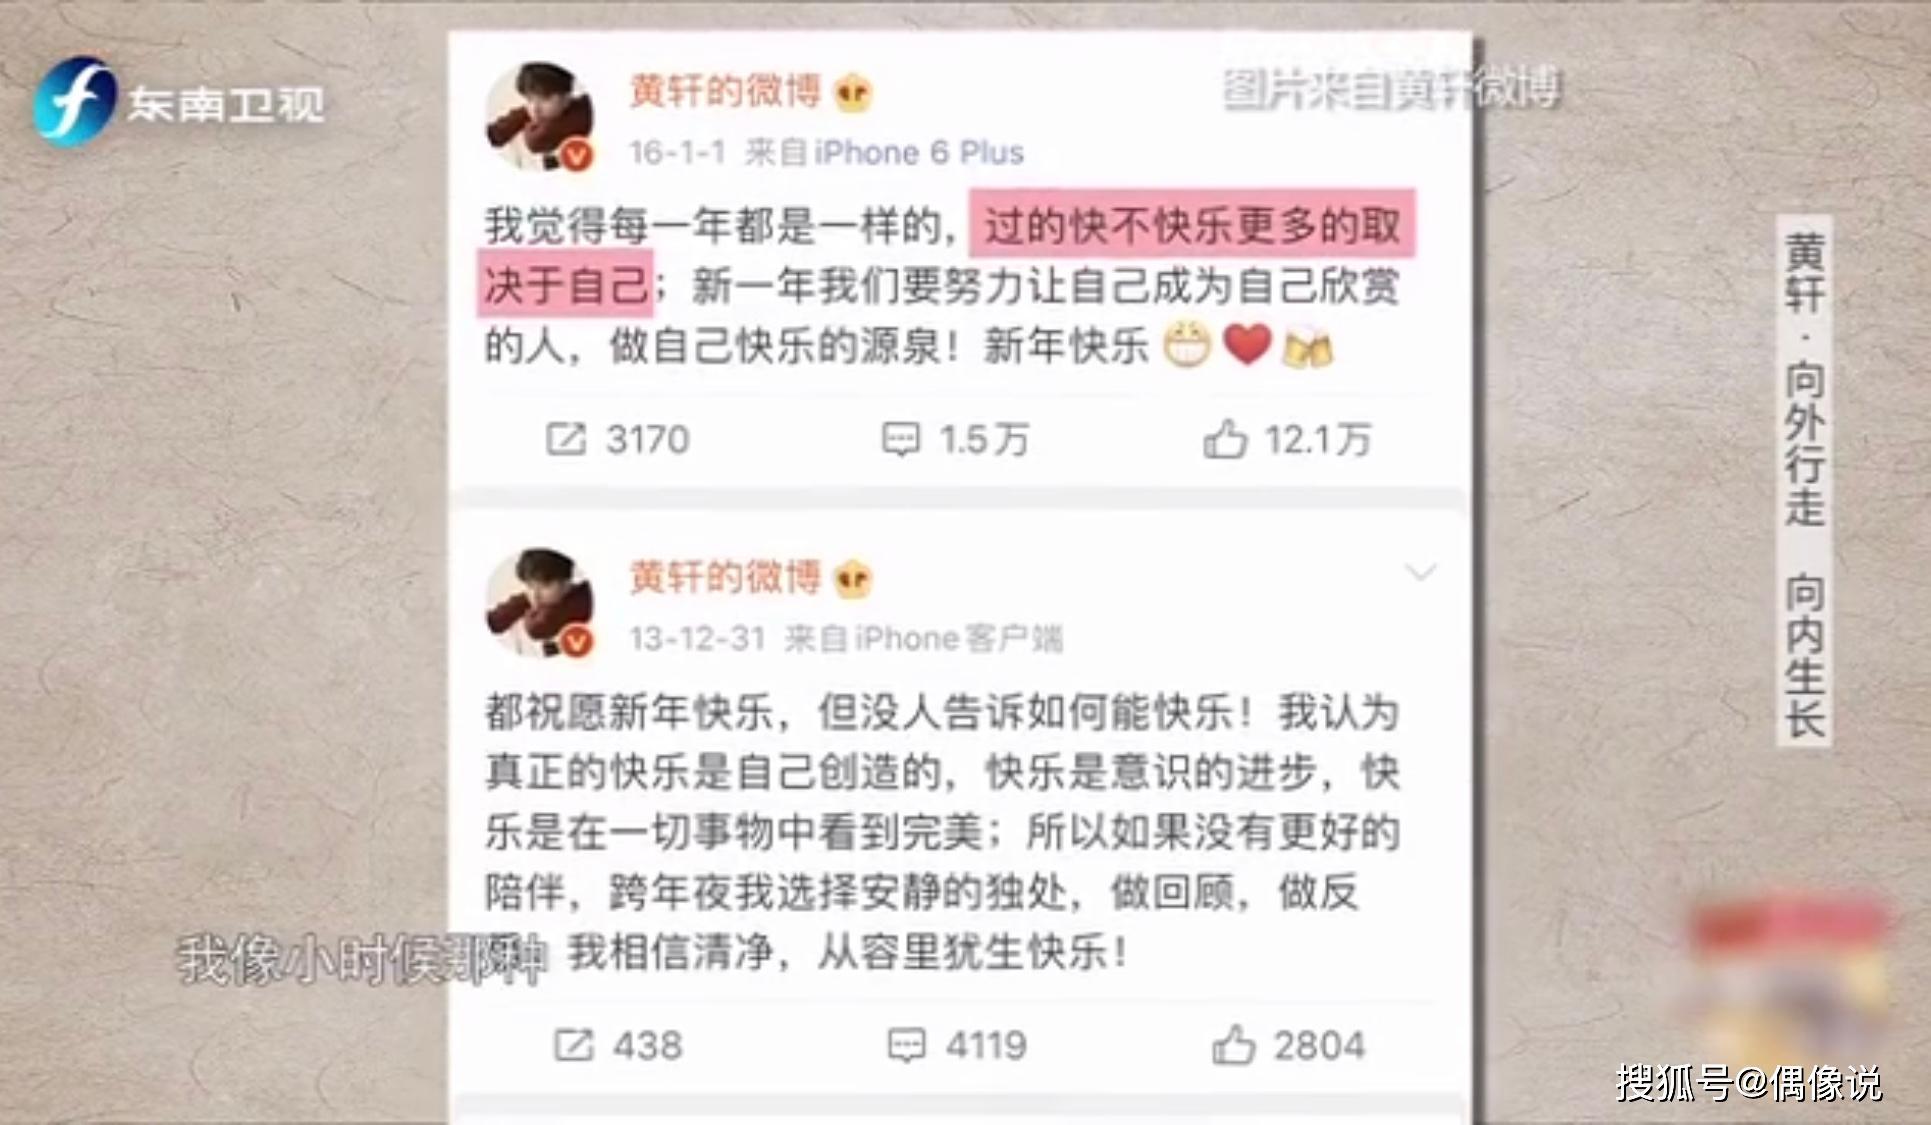 35岁黄轩不渴望婚姻,他和父母的关系令网友感慨:就是卫哲本人!